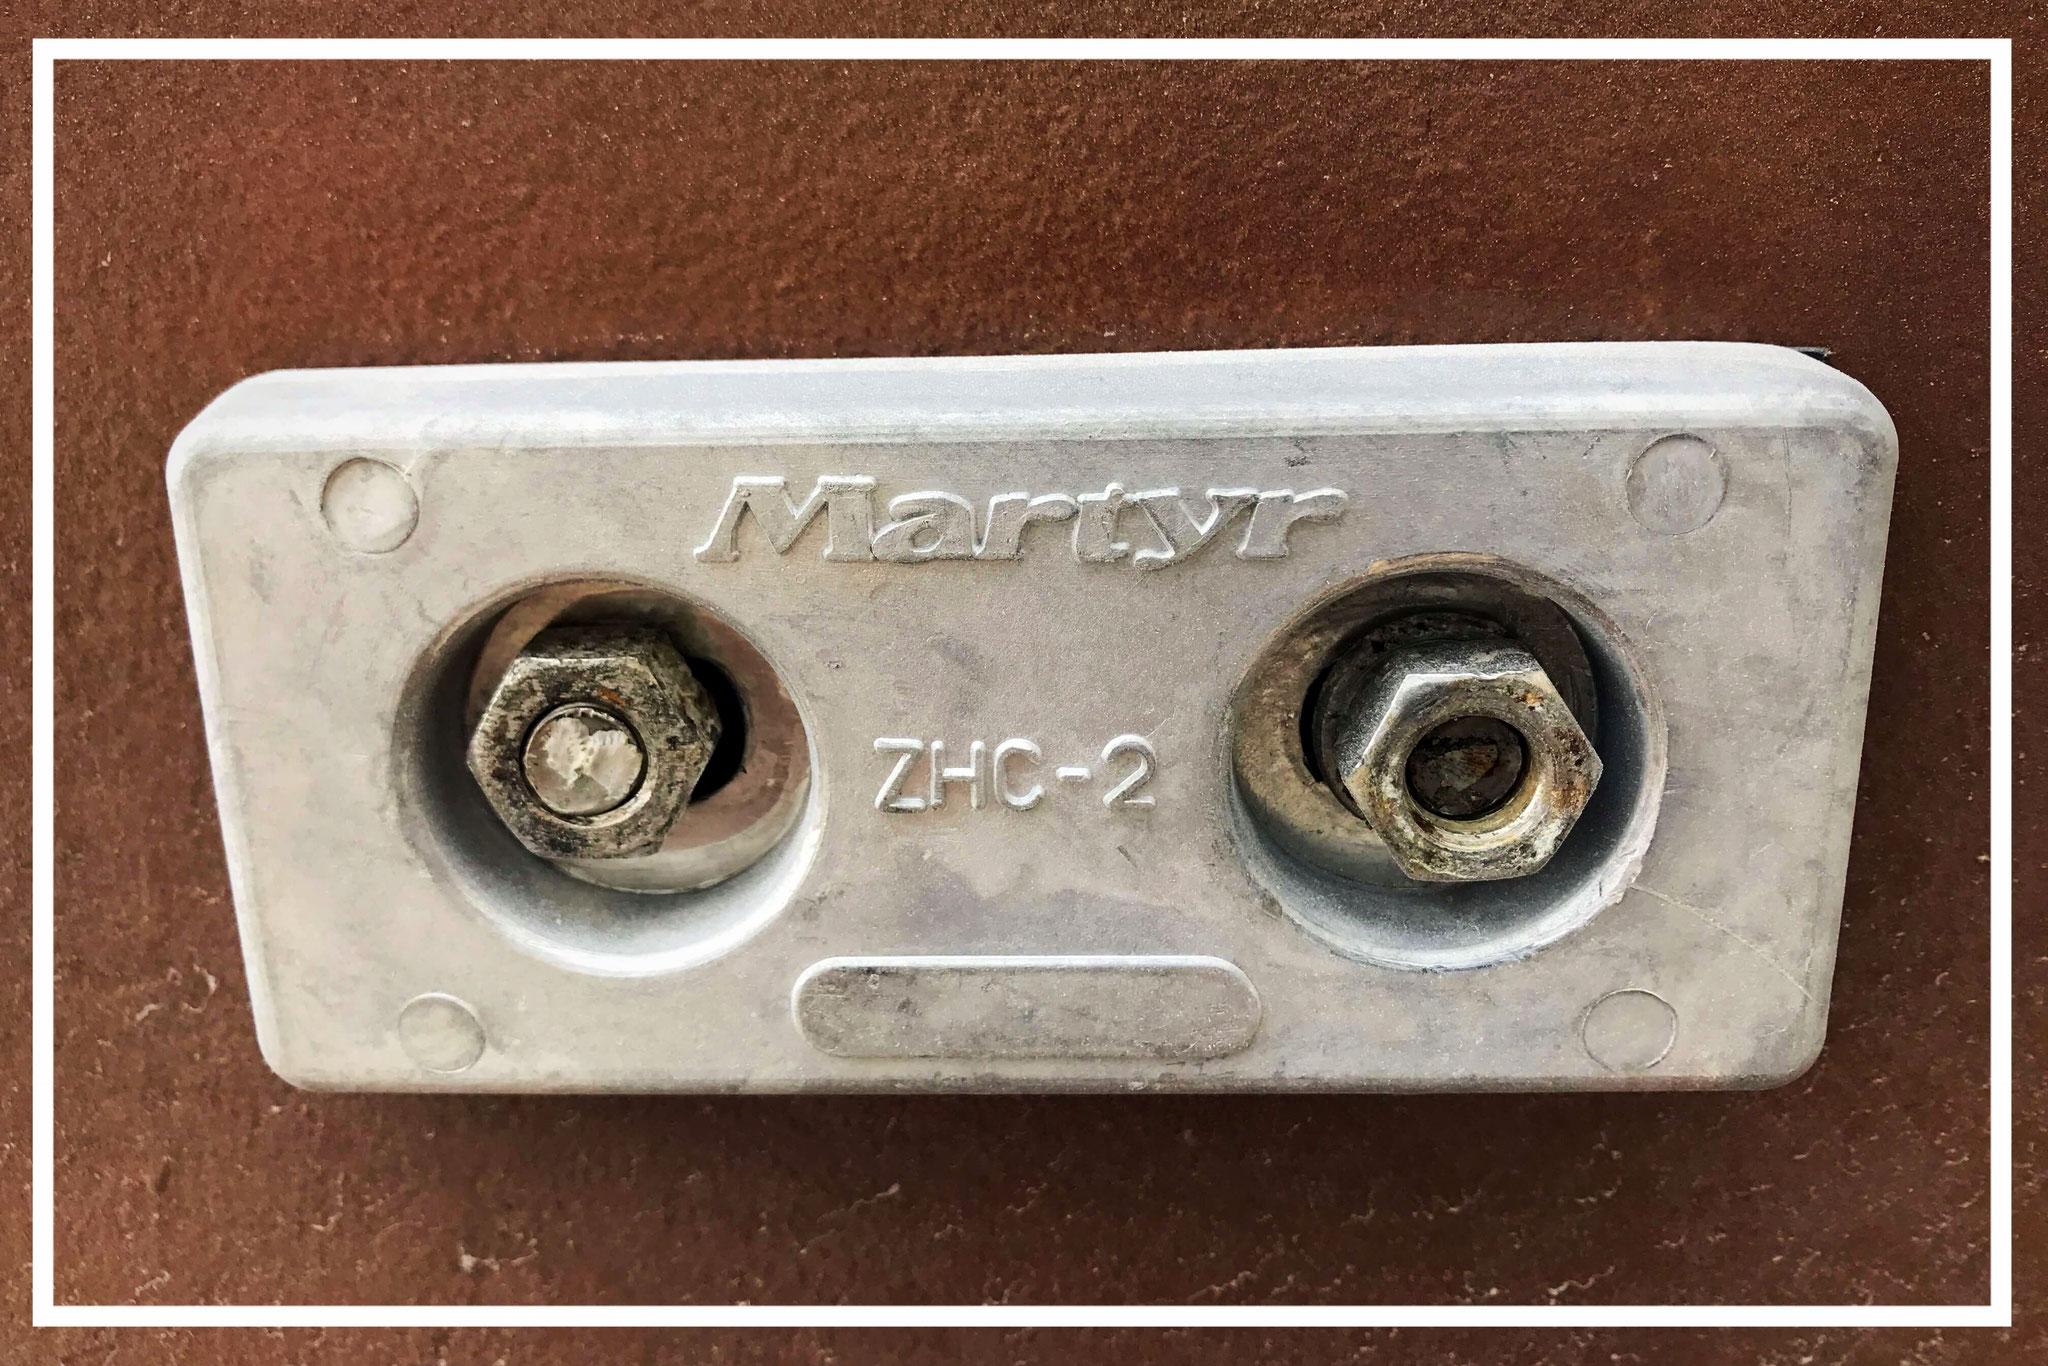 Opferanode aus Aluminium wird gegen Kontaktkorrosion eingesetzt